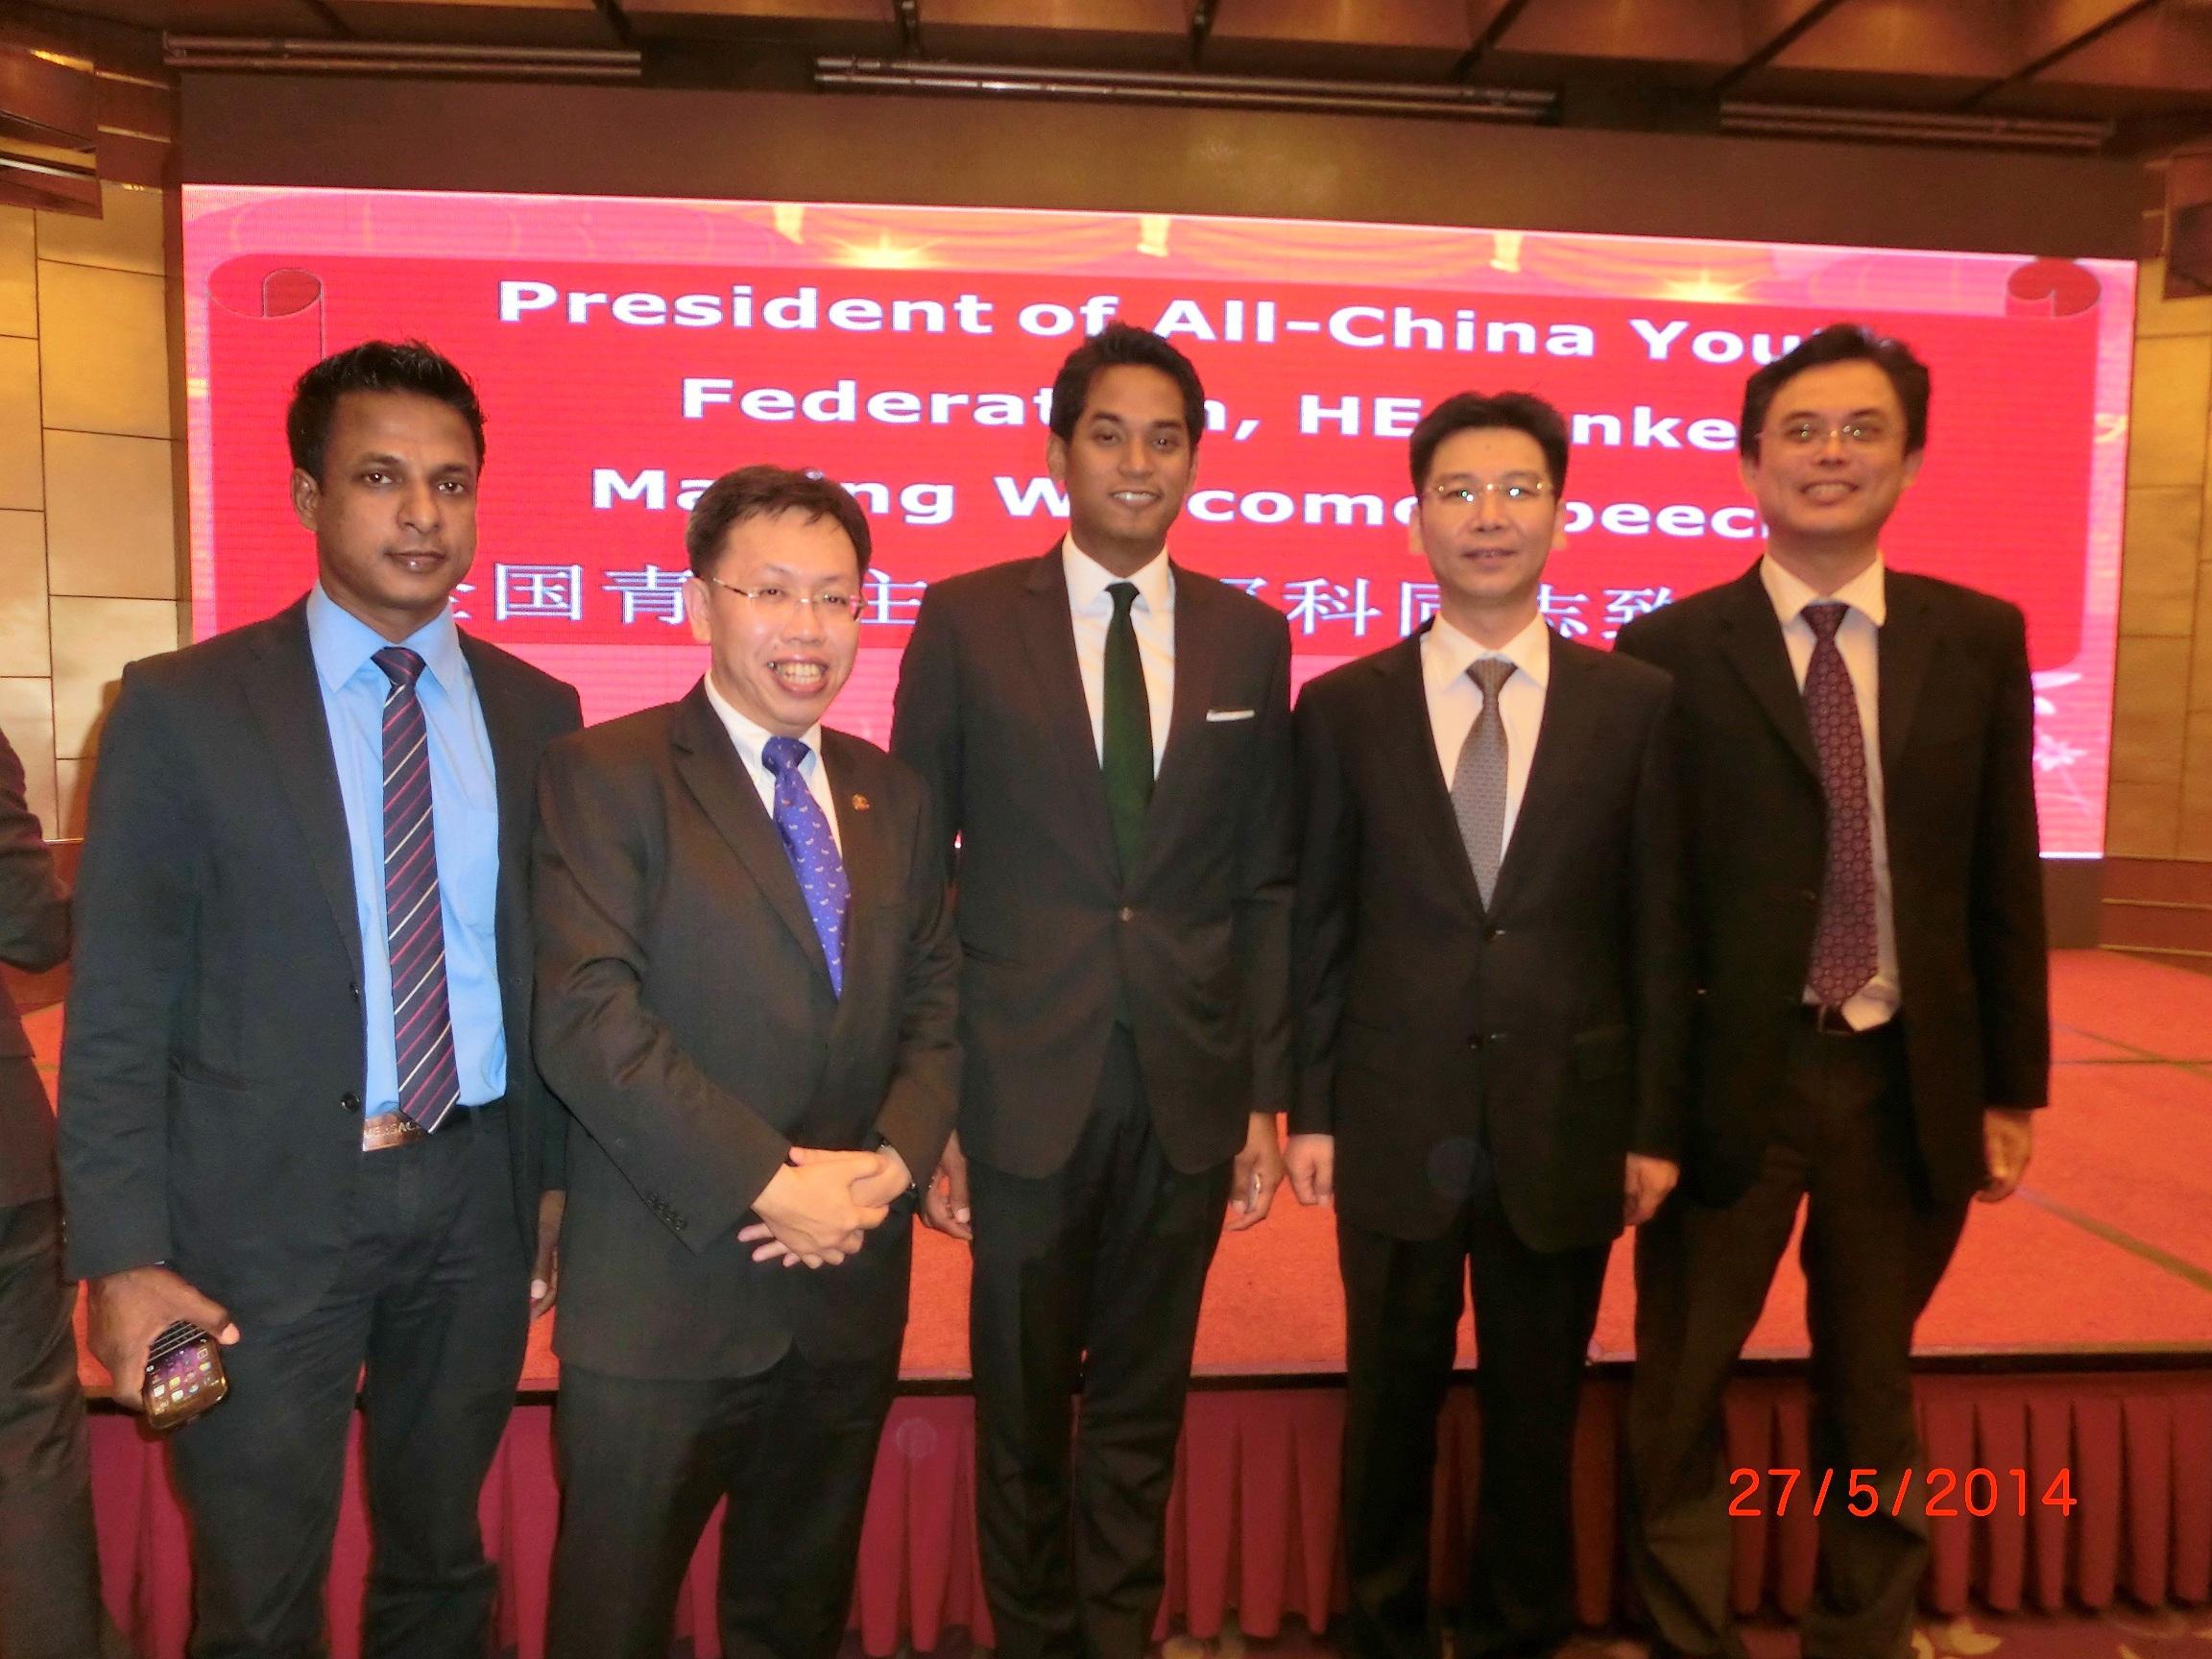 众人于中华全国青年联合会主席贺军科所设的晚宴上合影。